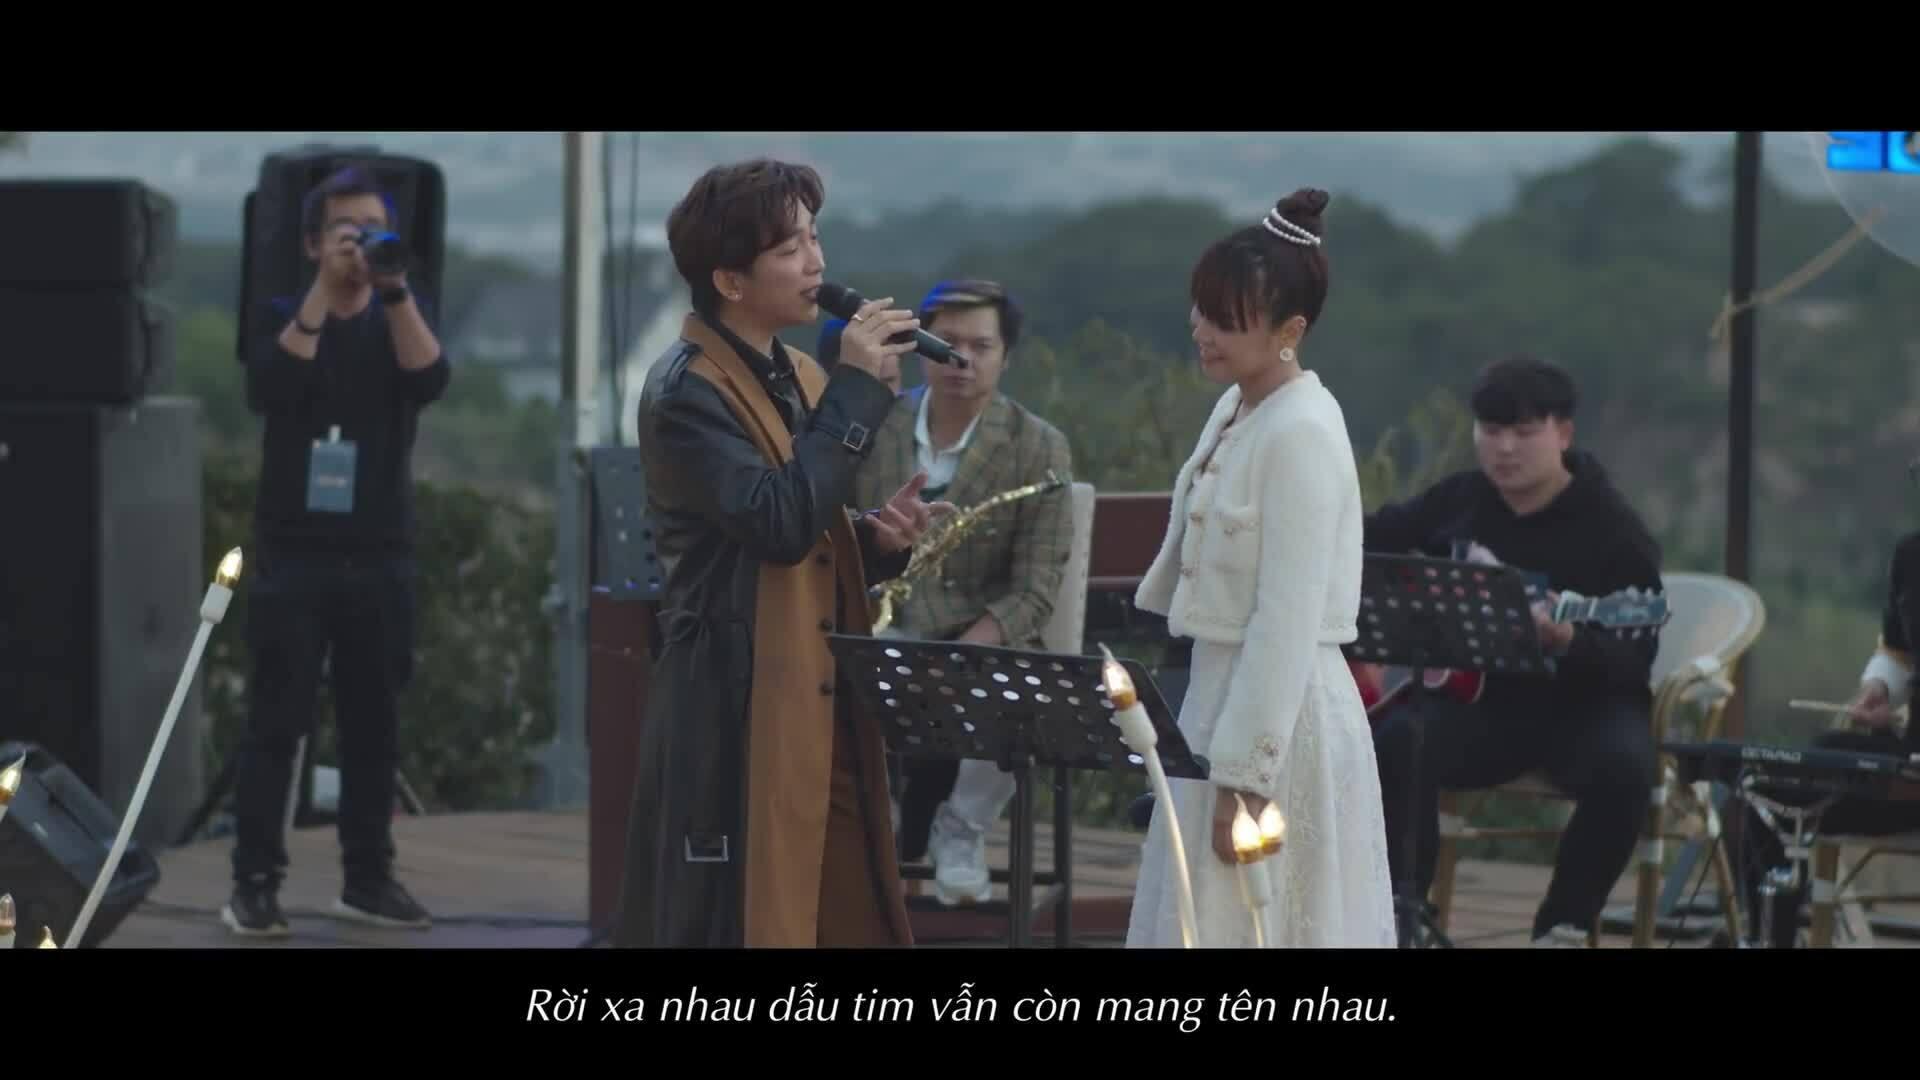 'Chỉ là không cùng nhau' của Tăng Phúc và Trương Thảo Nhi đang viral khắp nơi